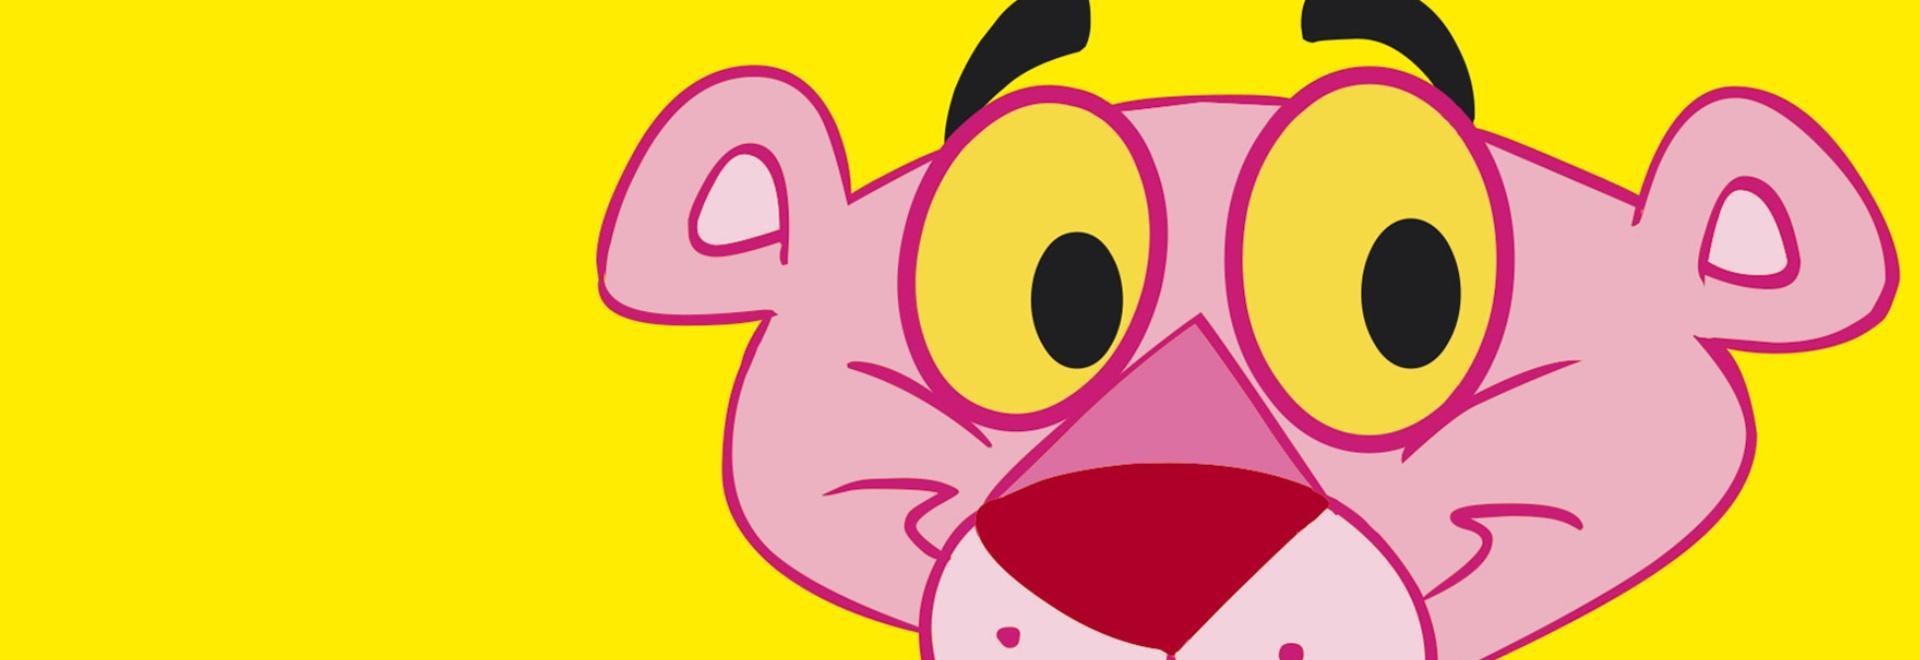 Pulizia significa essere rosa / Il piccolo fa per tre / L'era pinkozoica